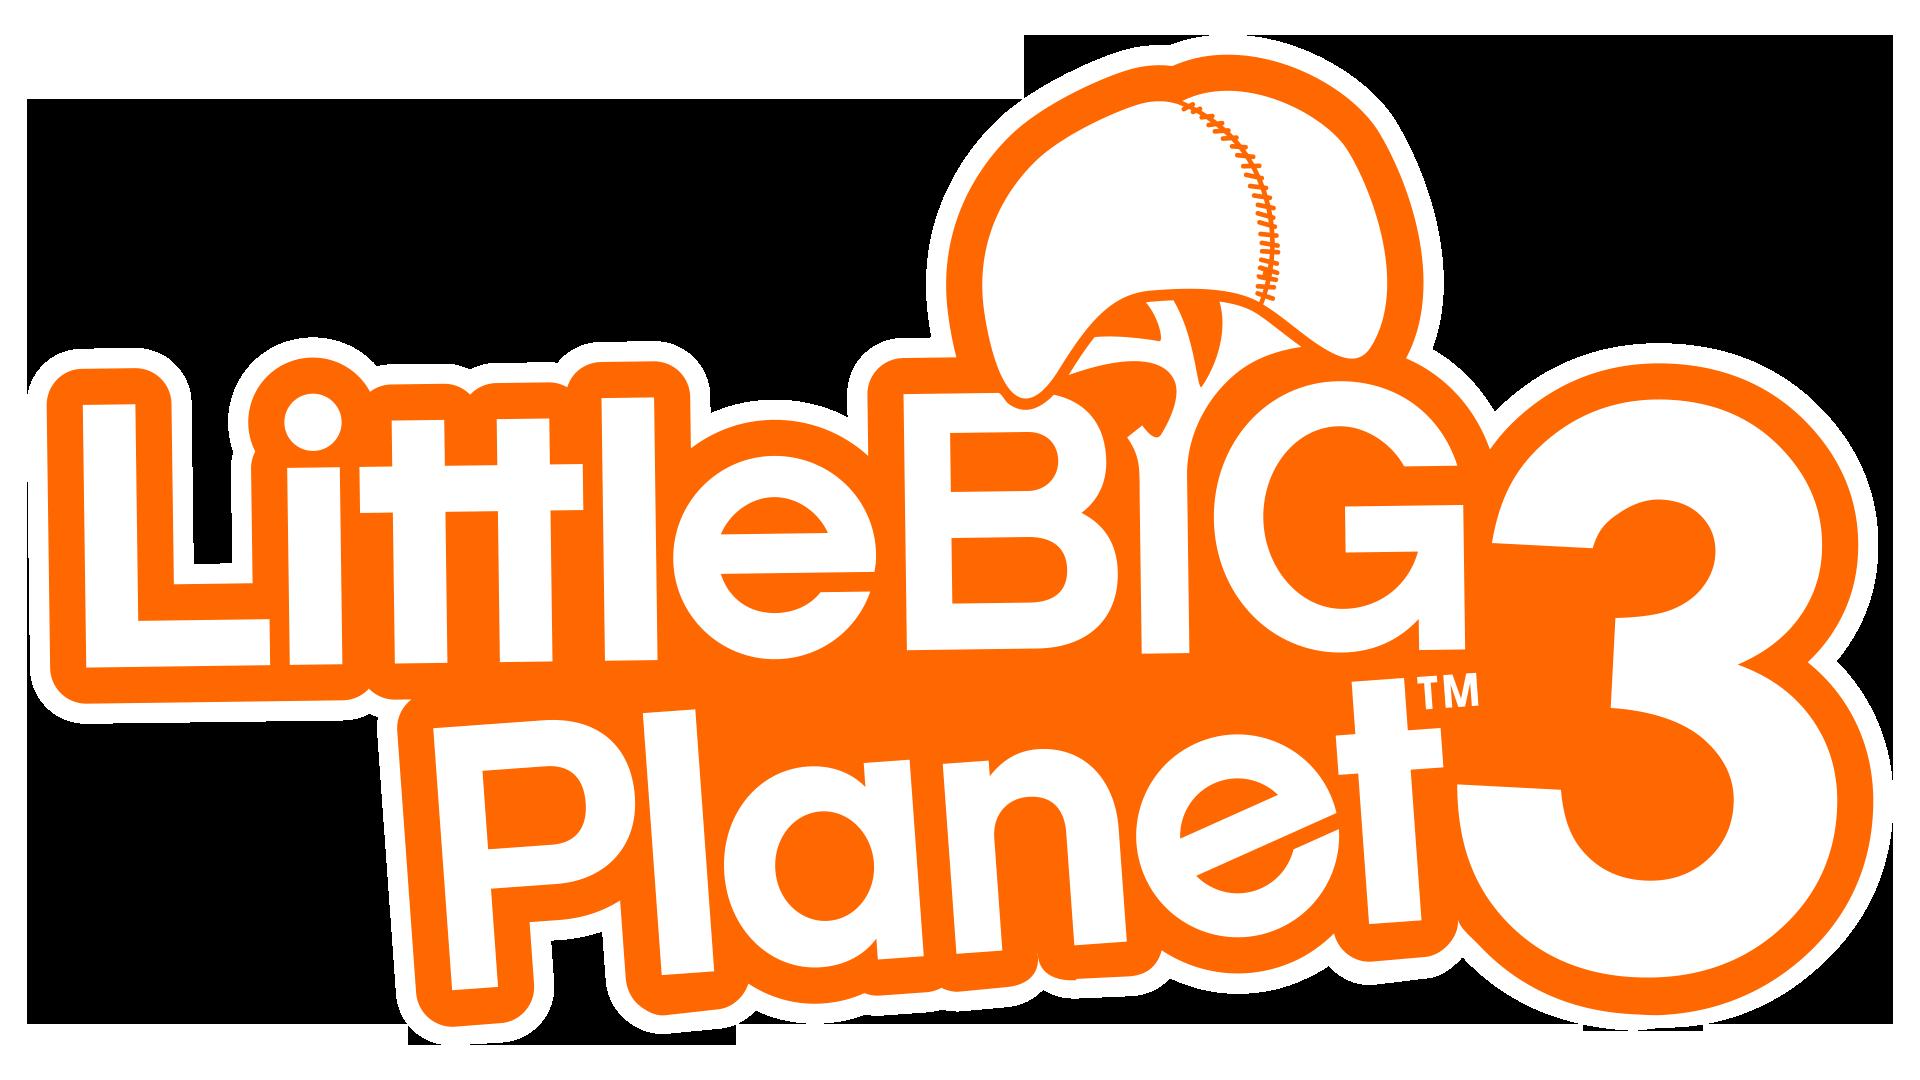 Resultado de imagem para LittleBigPlanet 3 logo png